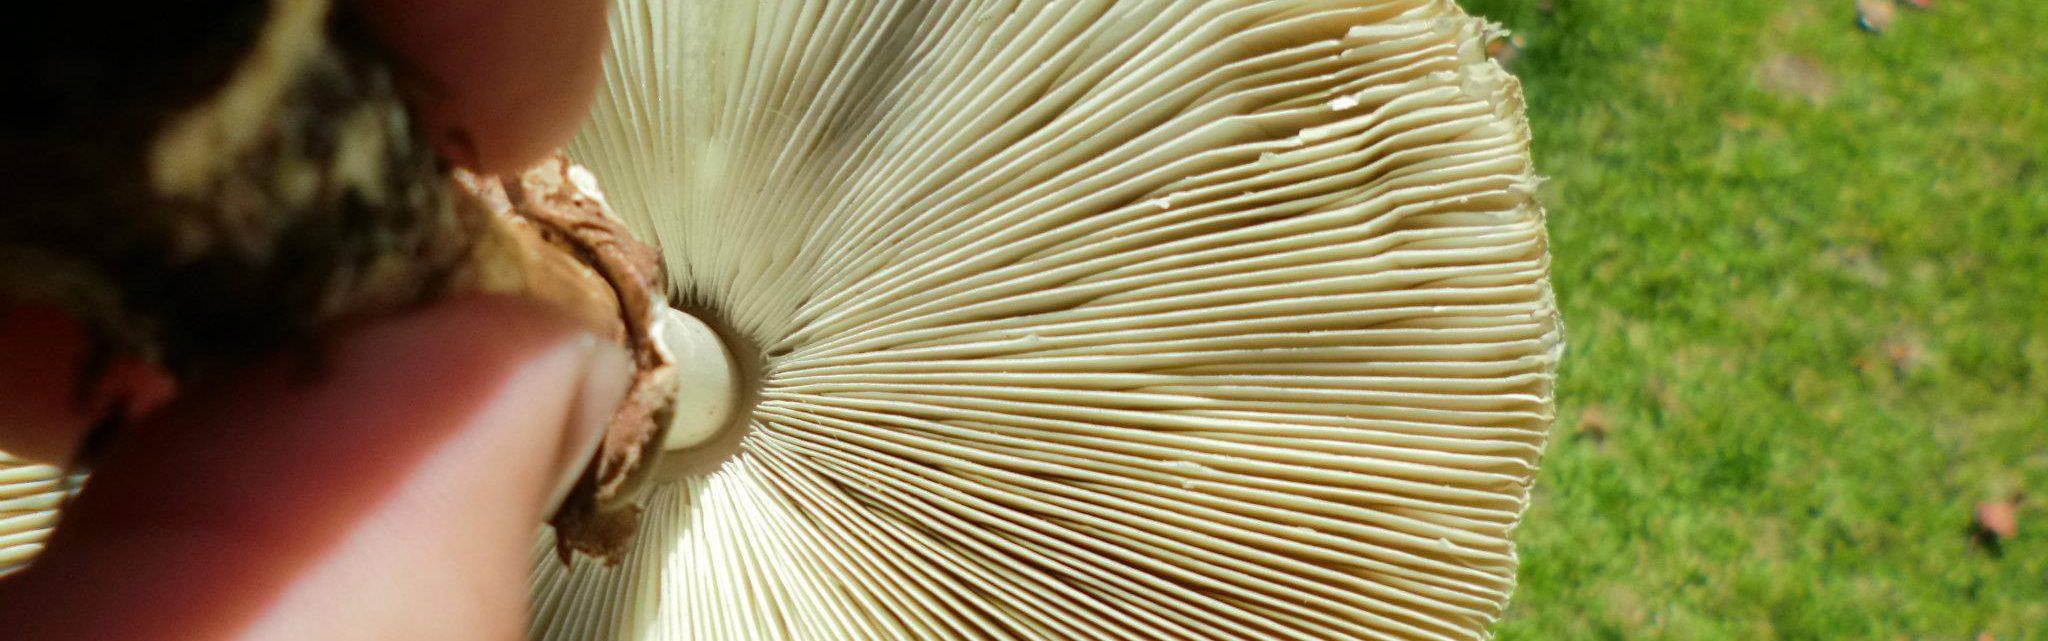 Smyth Mycology